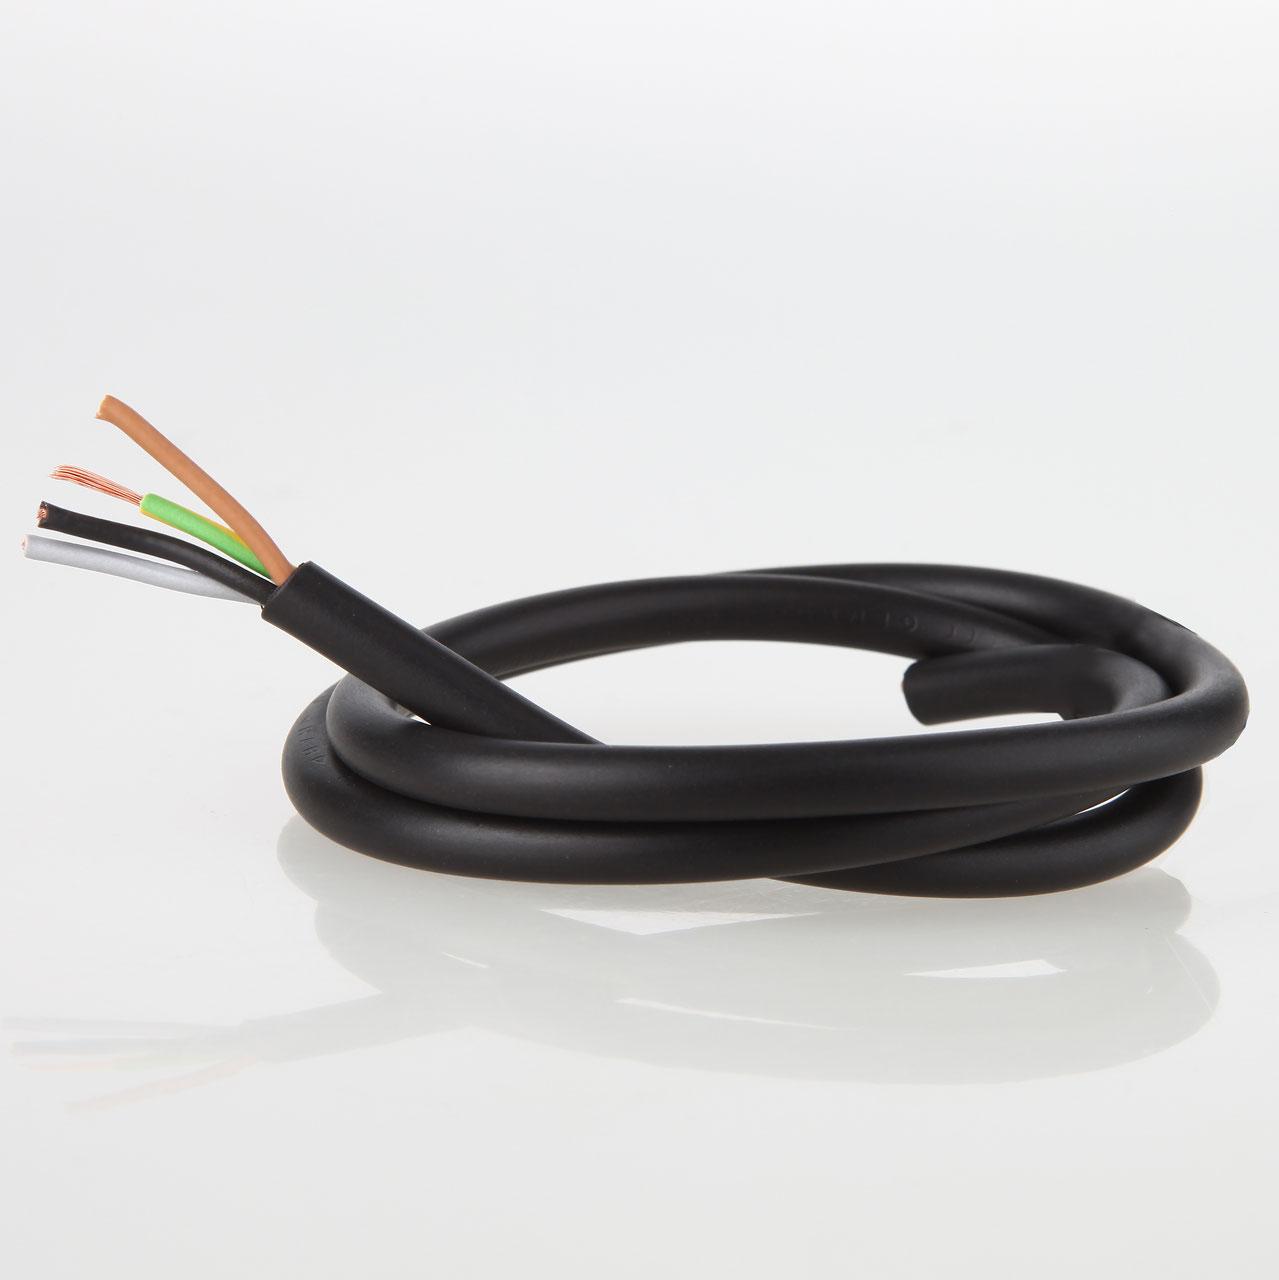 PVC Lampenkabel Rundkabel 4-adrig 4x0,75mm² H03 VV-F - Textilkabel ...